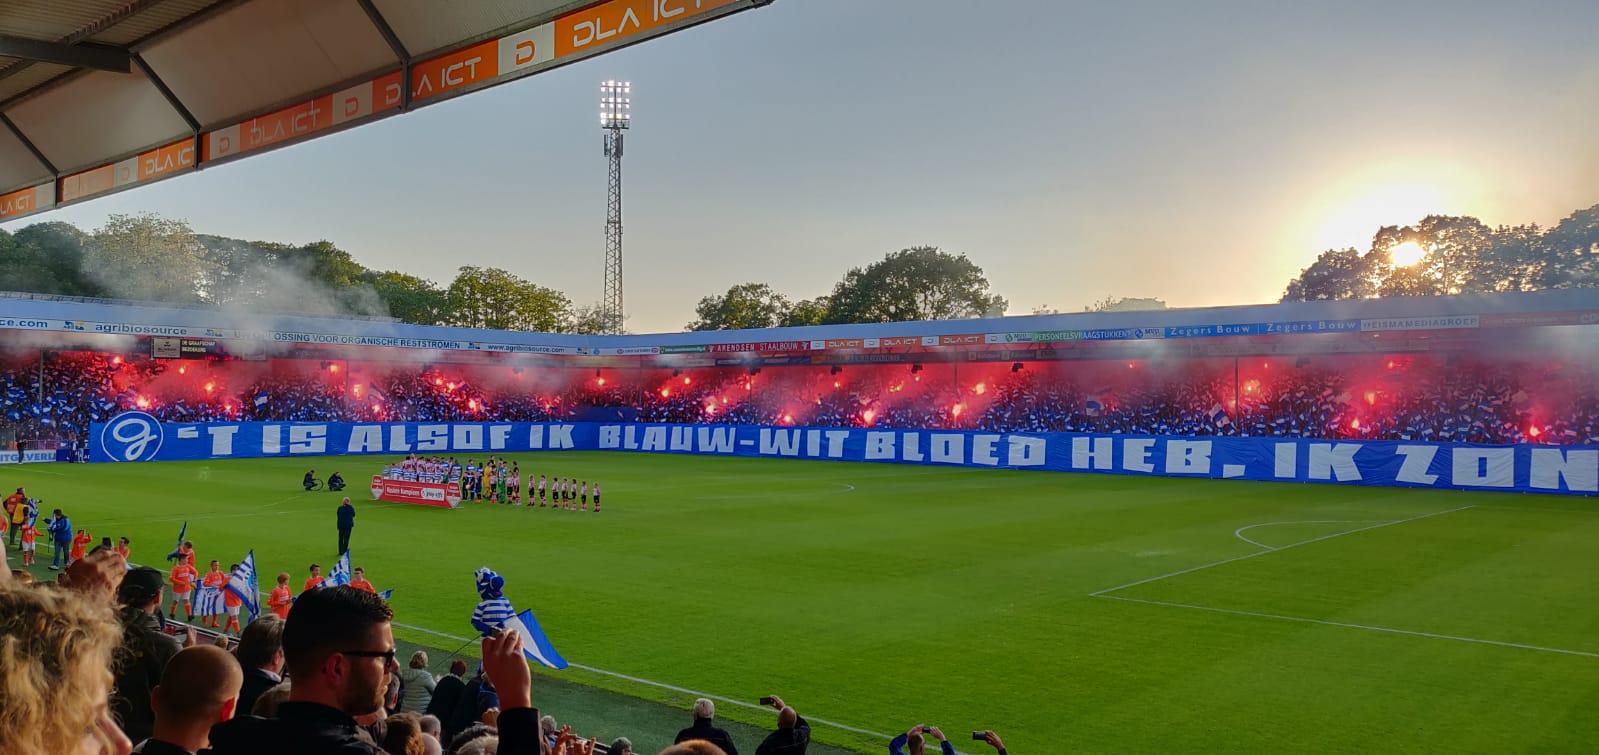 Ook De Graafschap degradeert. Drie degradanten uit de Eredivisie